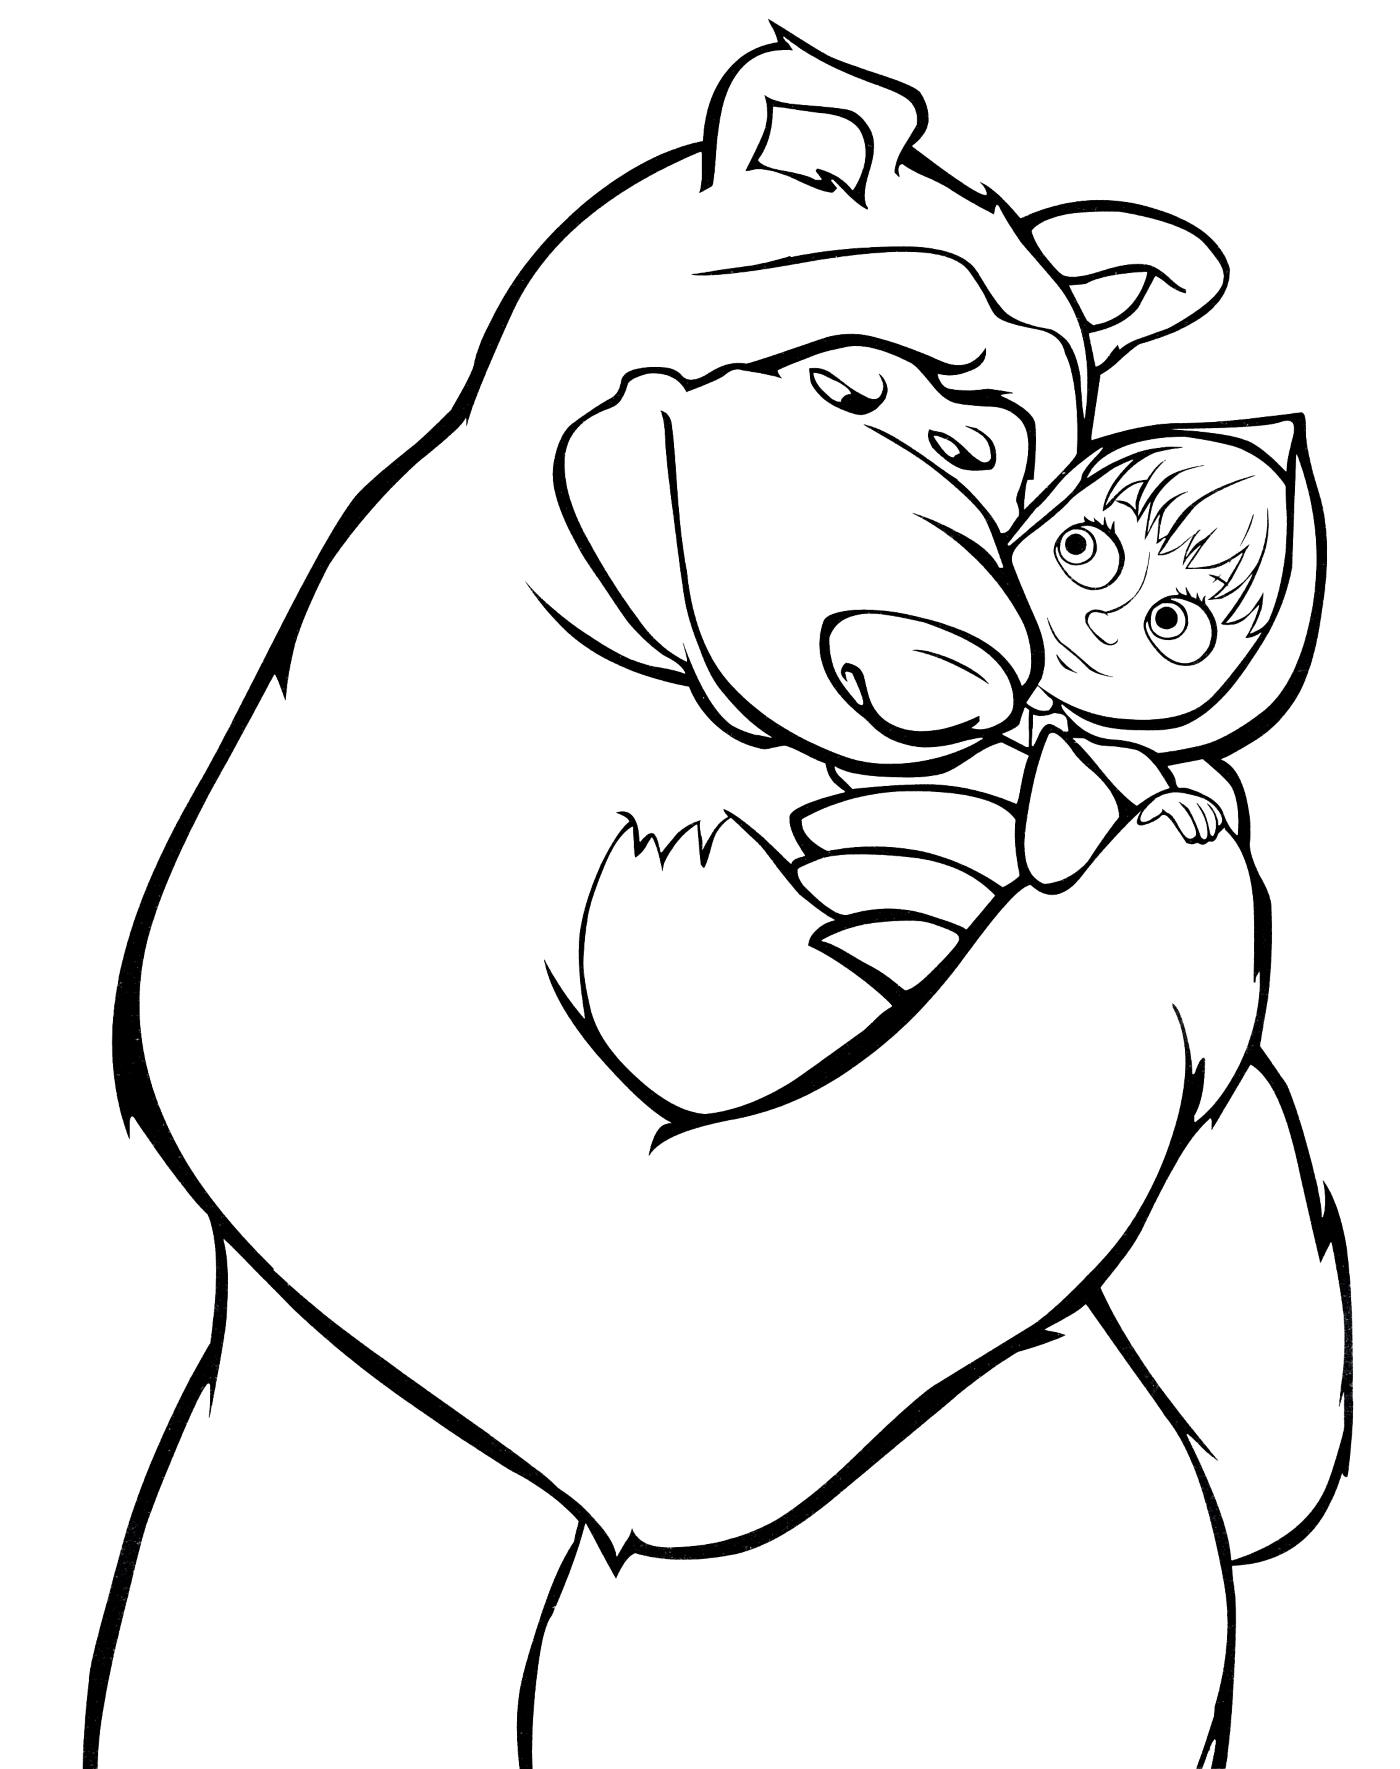 Маша и медведи раскраска онлайн бесплатно 78